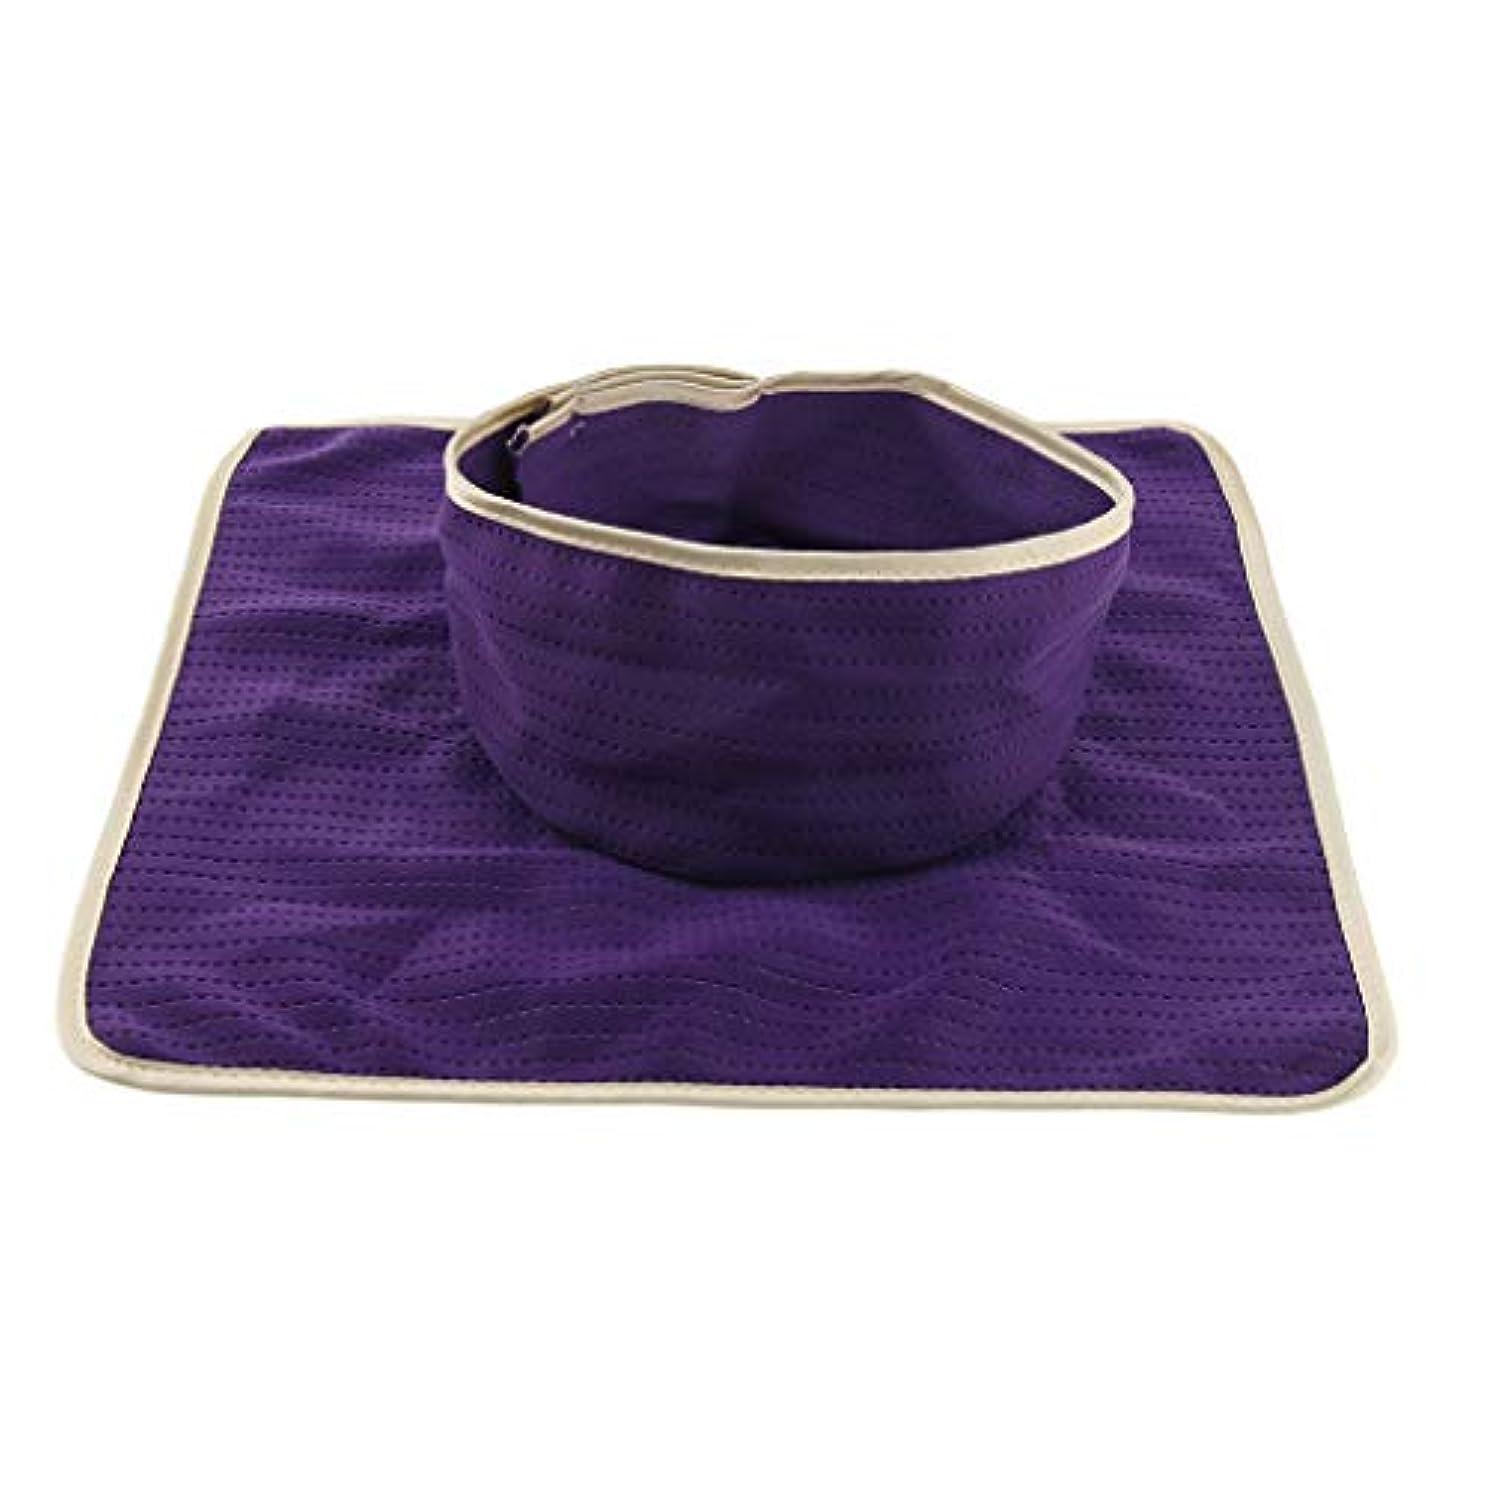 量でニュース気楽なマッサージのベッド用 パッド マットシート 顔の穴付き 洗える 約35×35cm 全3色 - 紫